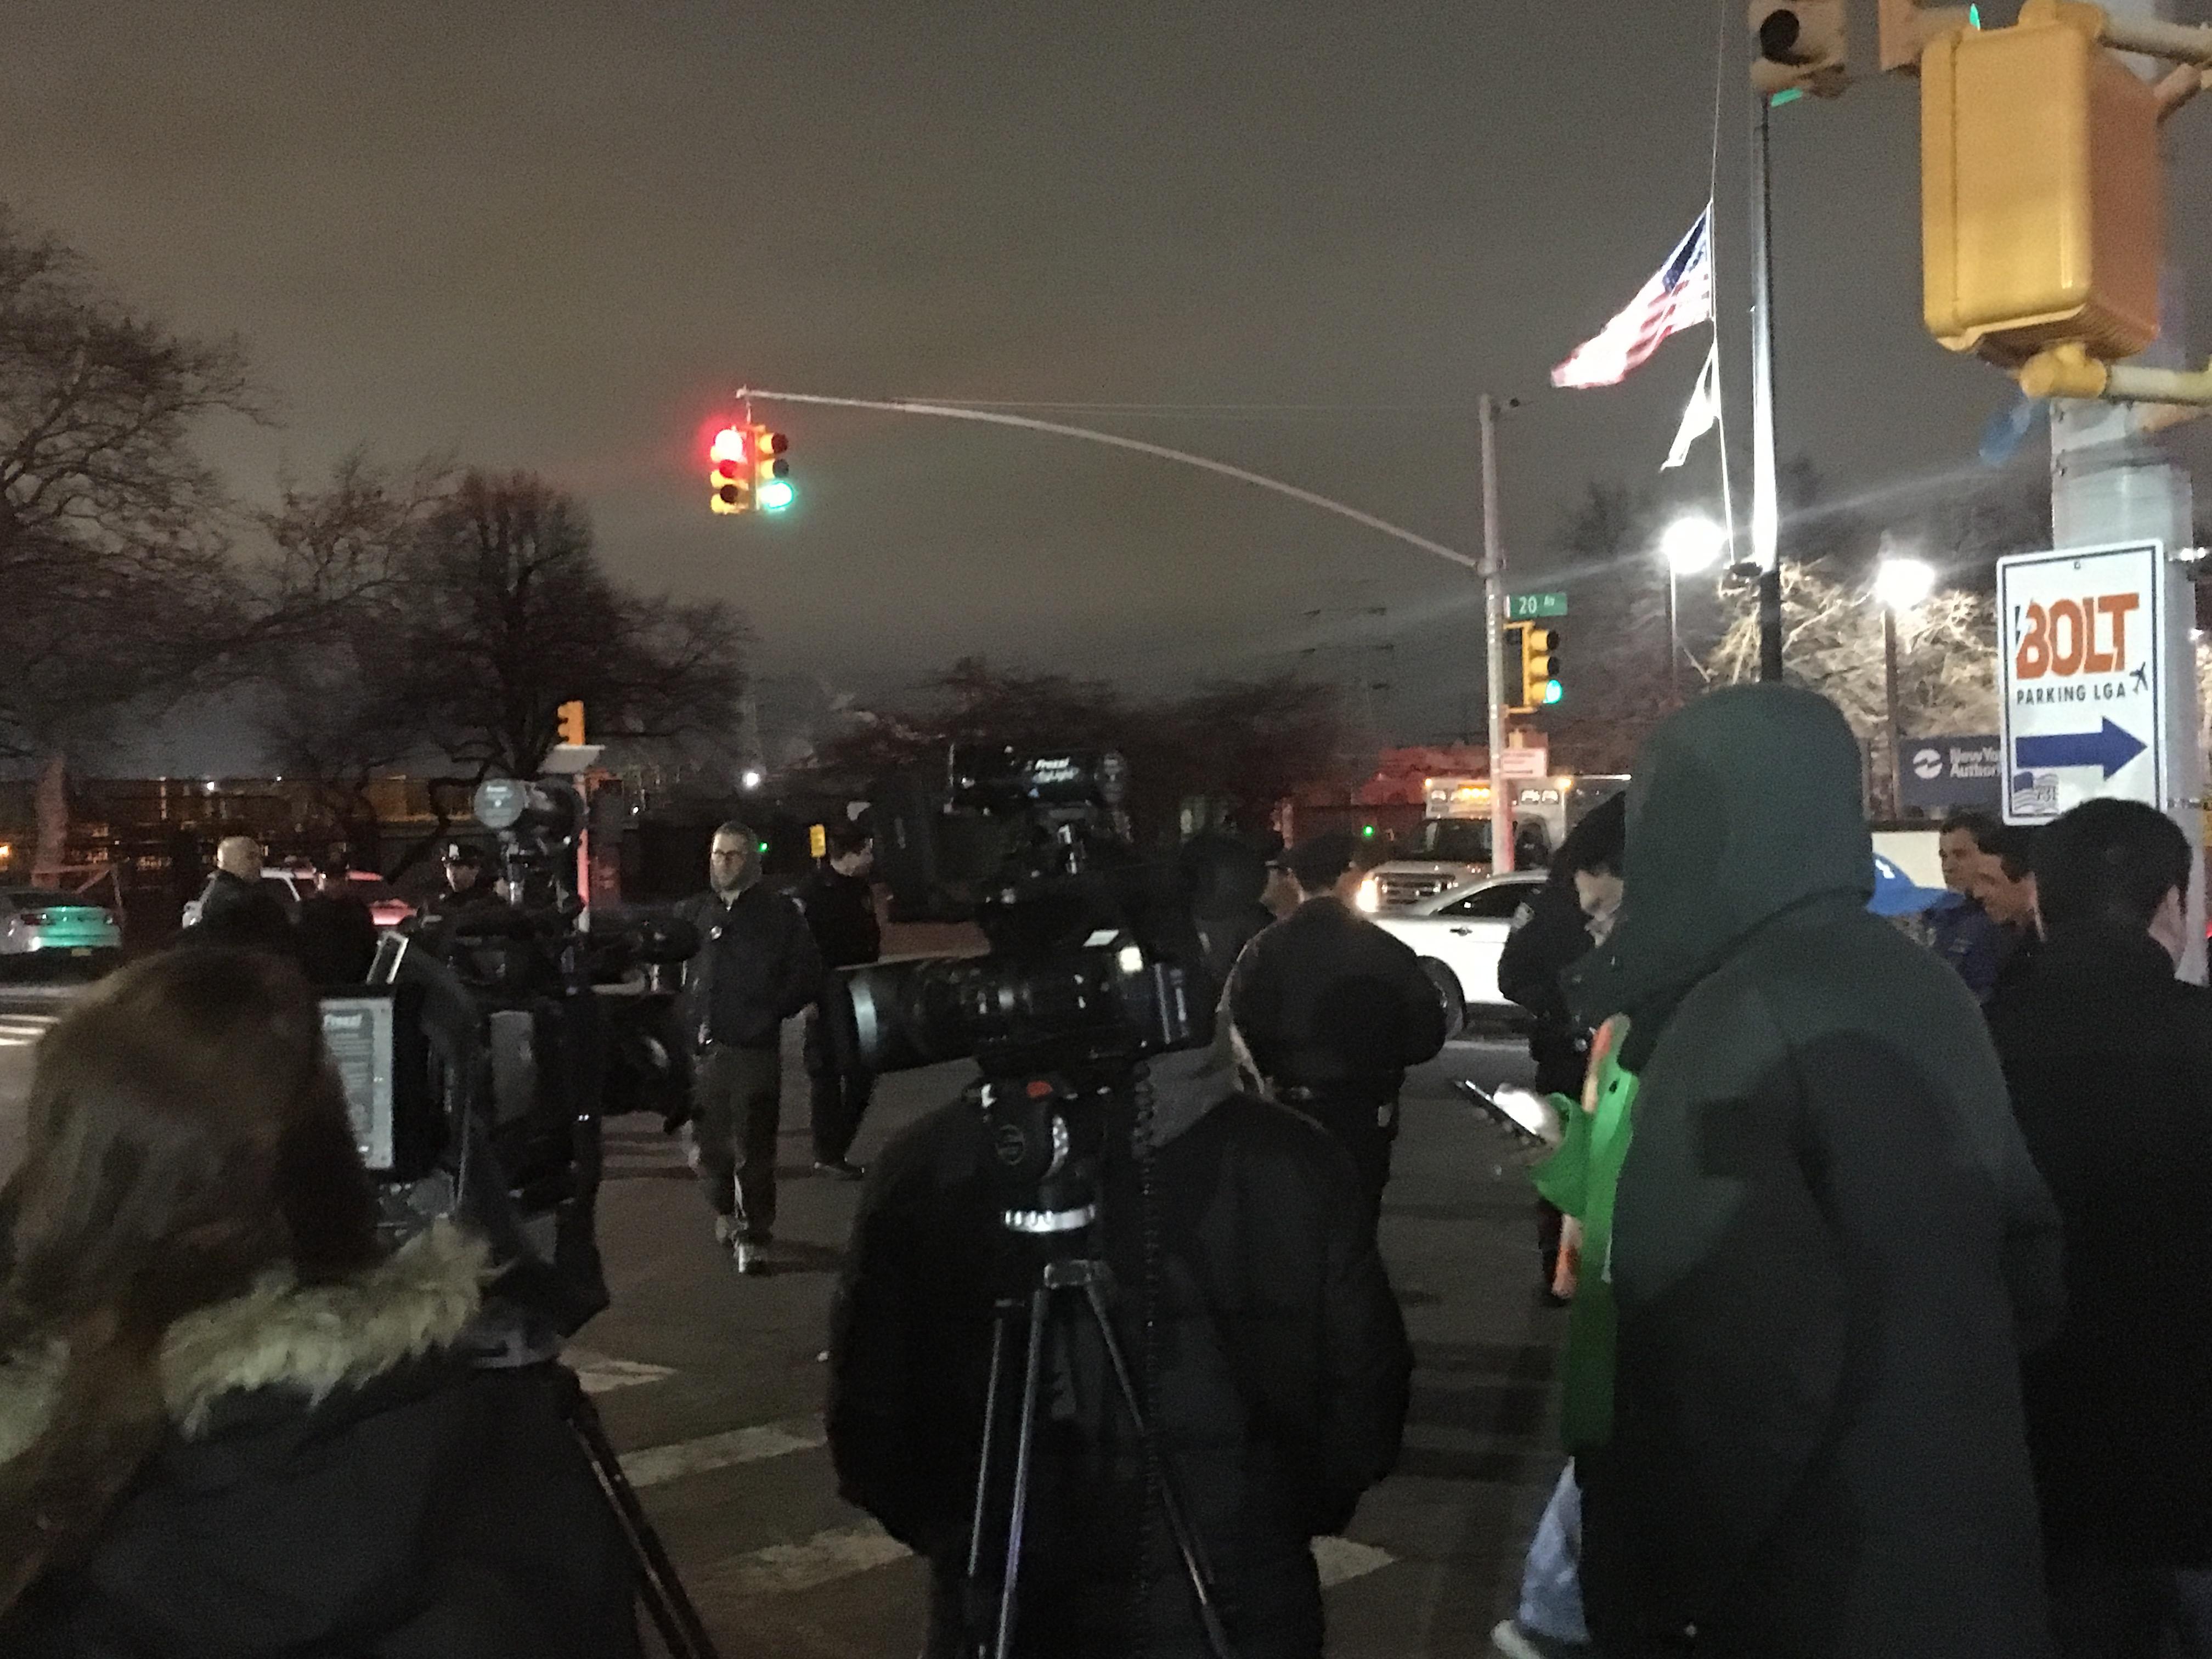 紐約皇后區阿斯托利亞20大道附近的變電站變壓器爆炸,紐約警方與電力公司人員在現場管制與處理。(記者唐典偉/攝影)